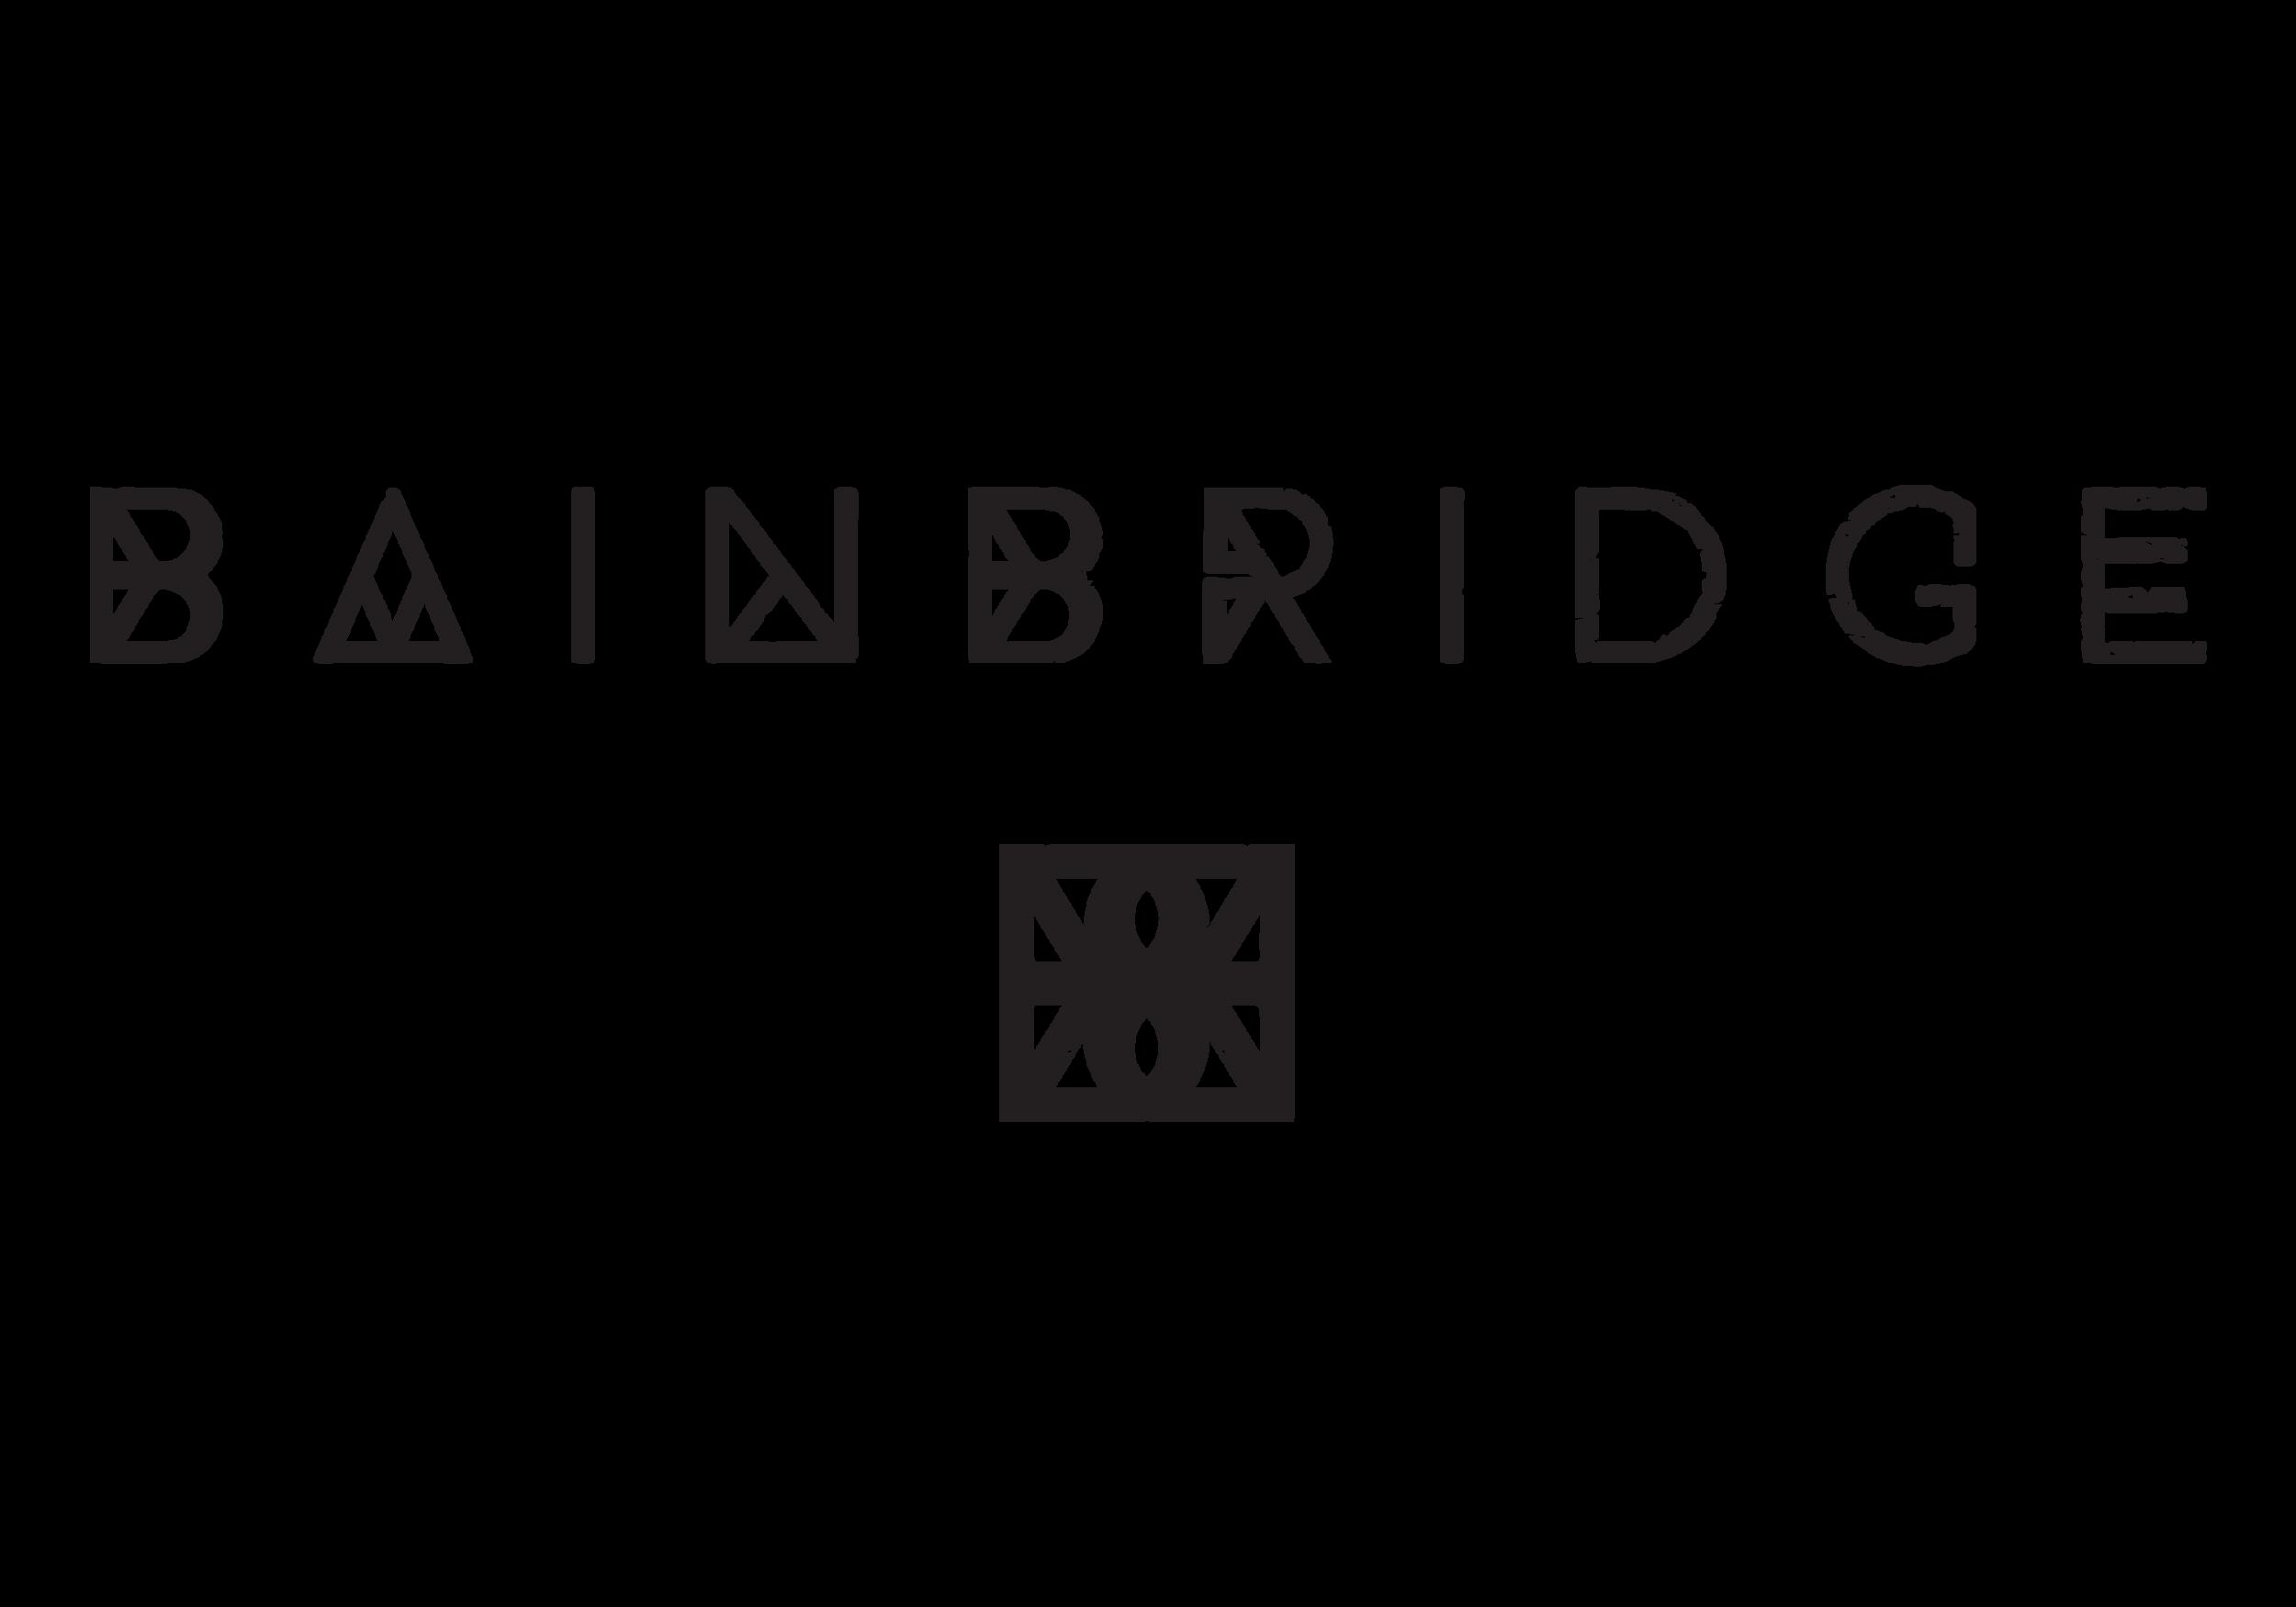 bainbridgeLOGObottomblack.png